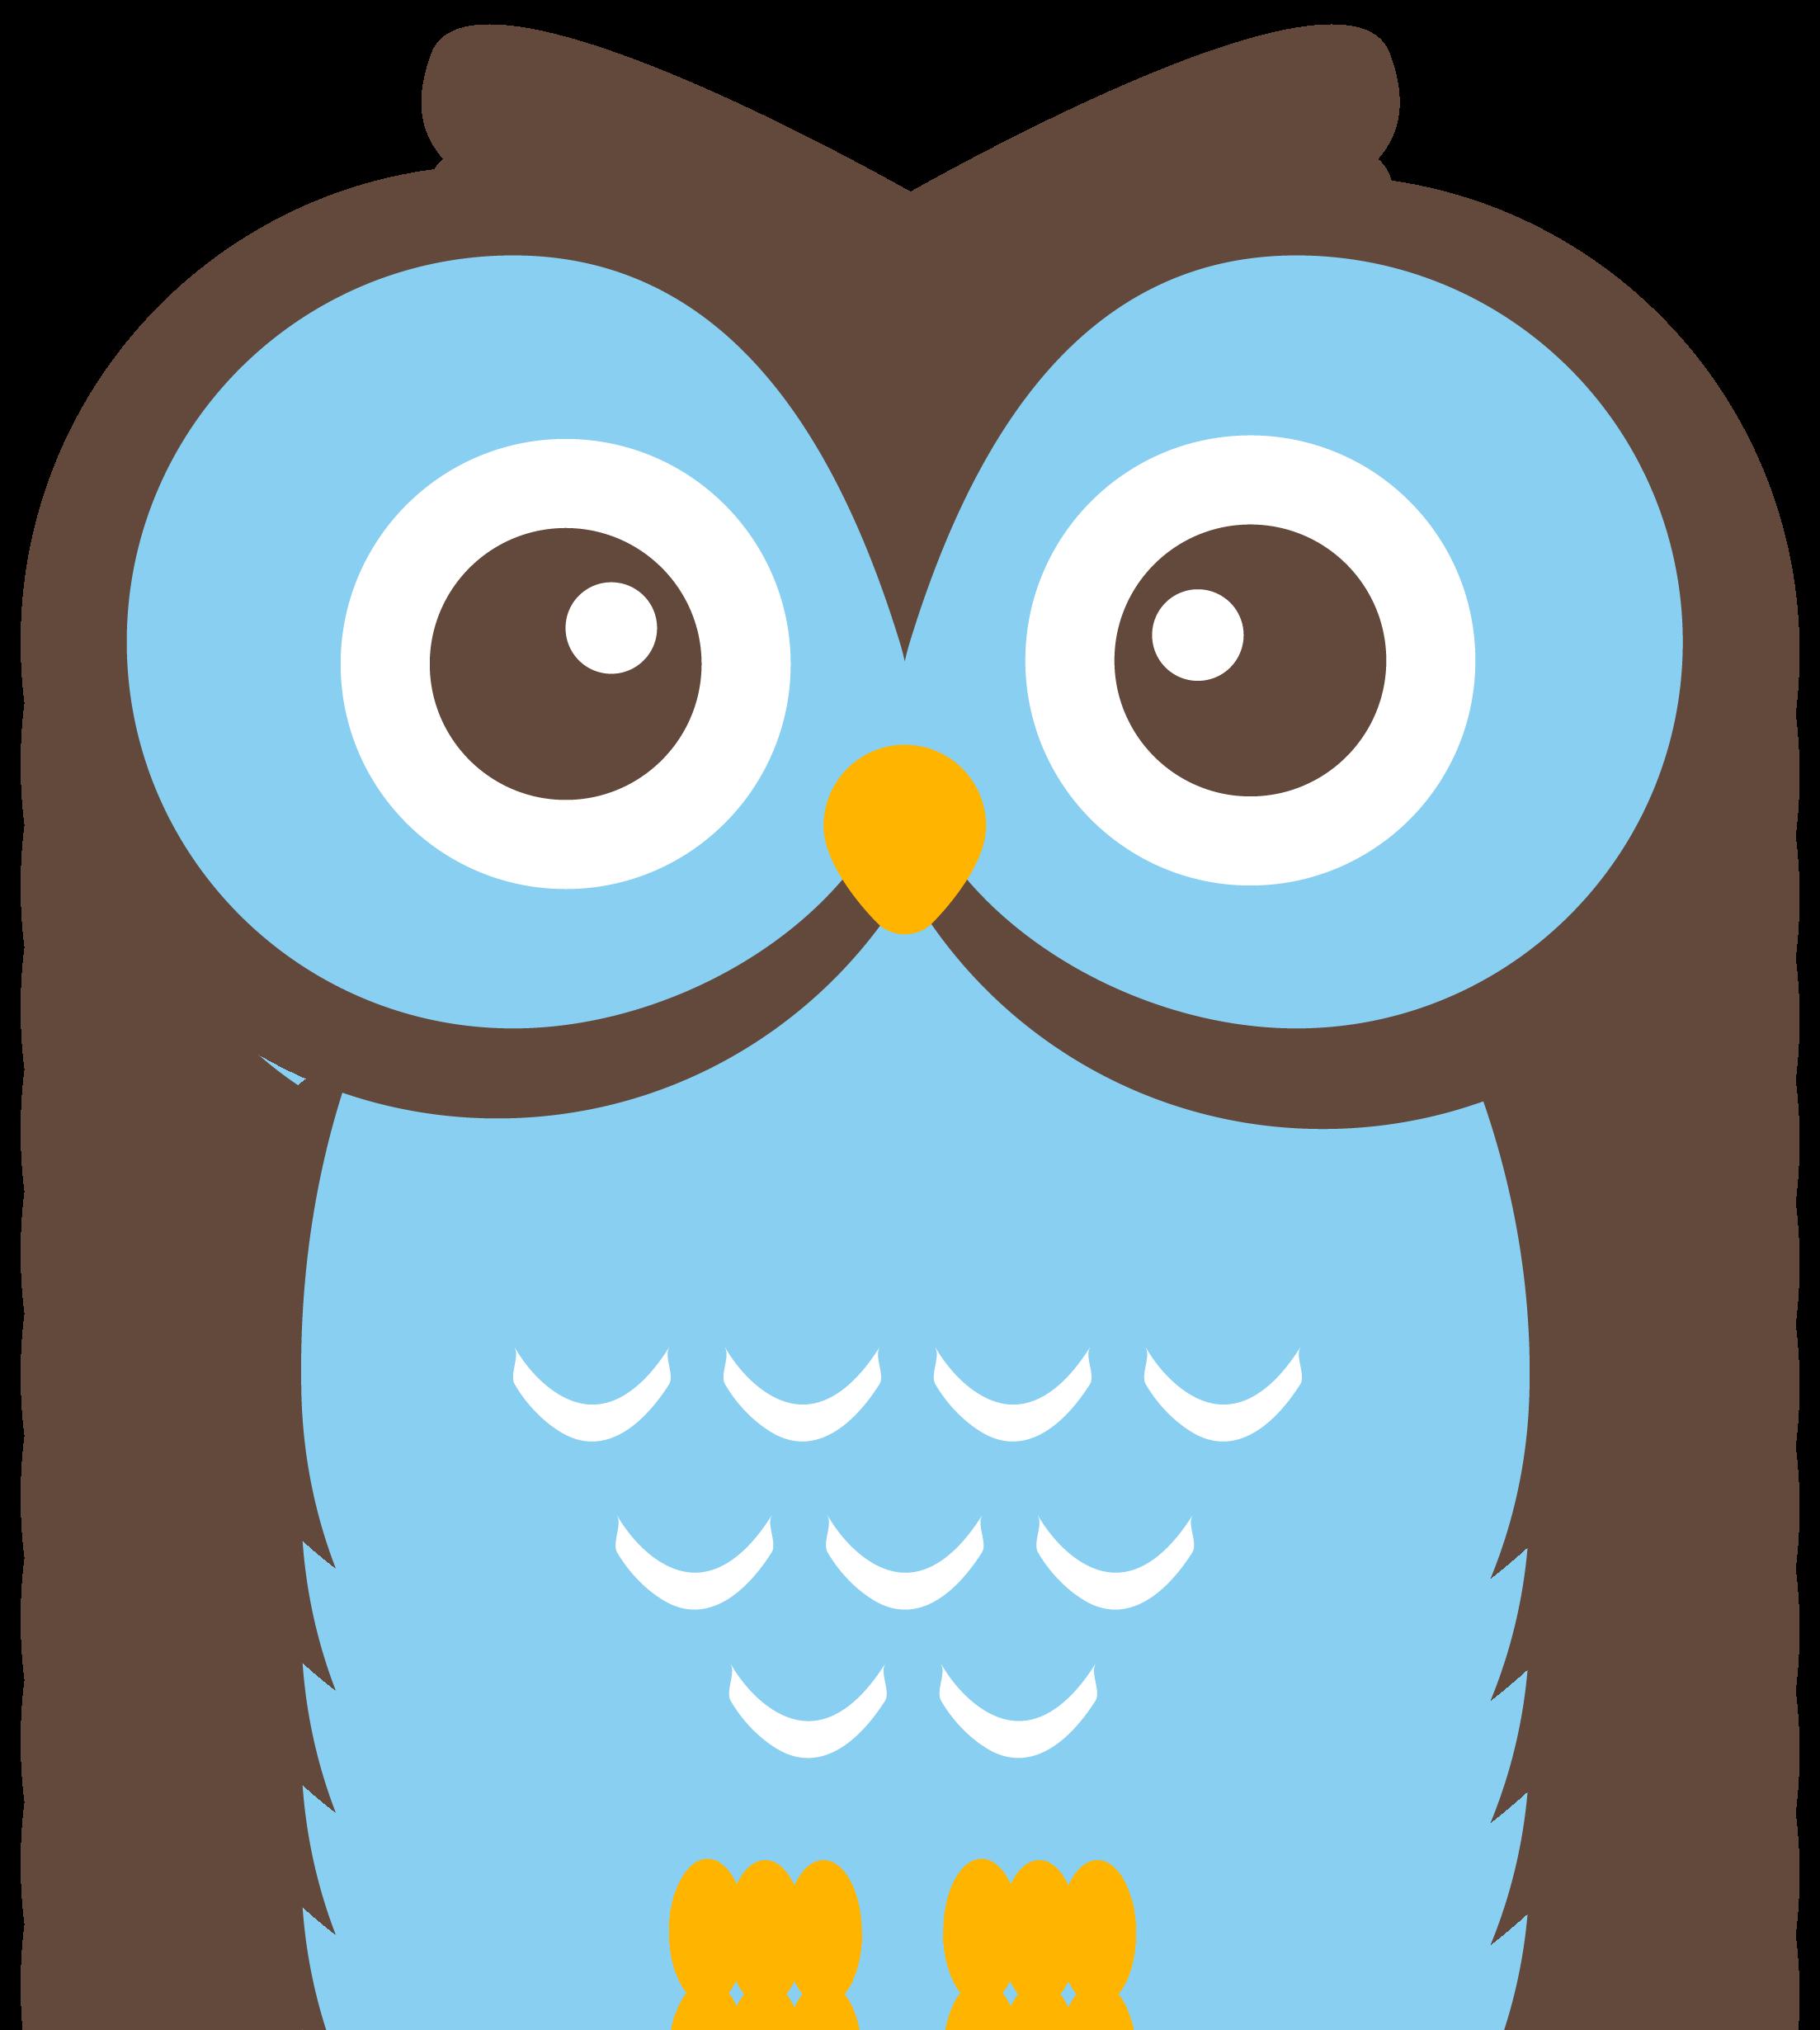 Owls on owl clip art owl and cartoon owls image #5.